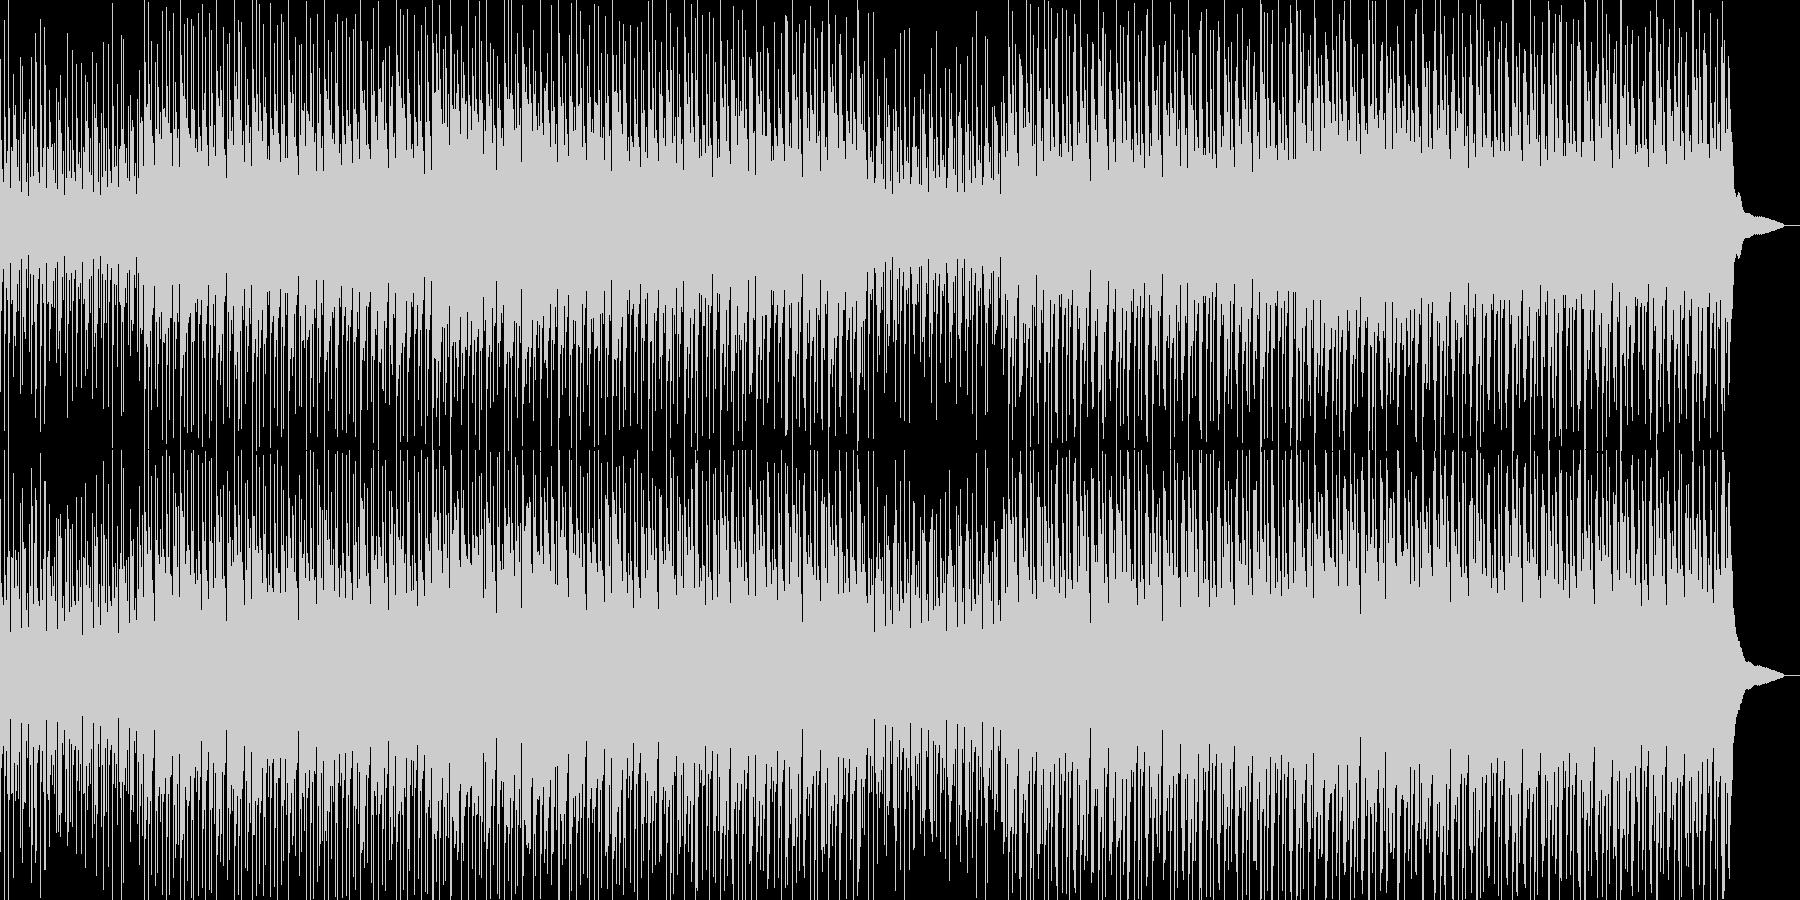 ハワイ/可愛いウクレレ/軽快/ほのぼのの未再生の波形